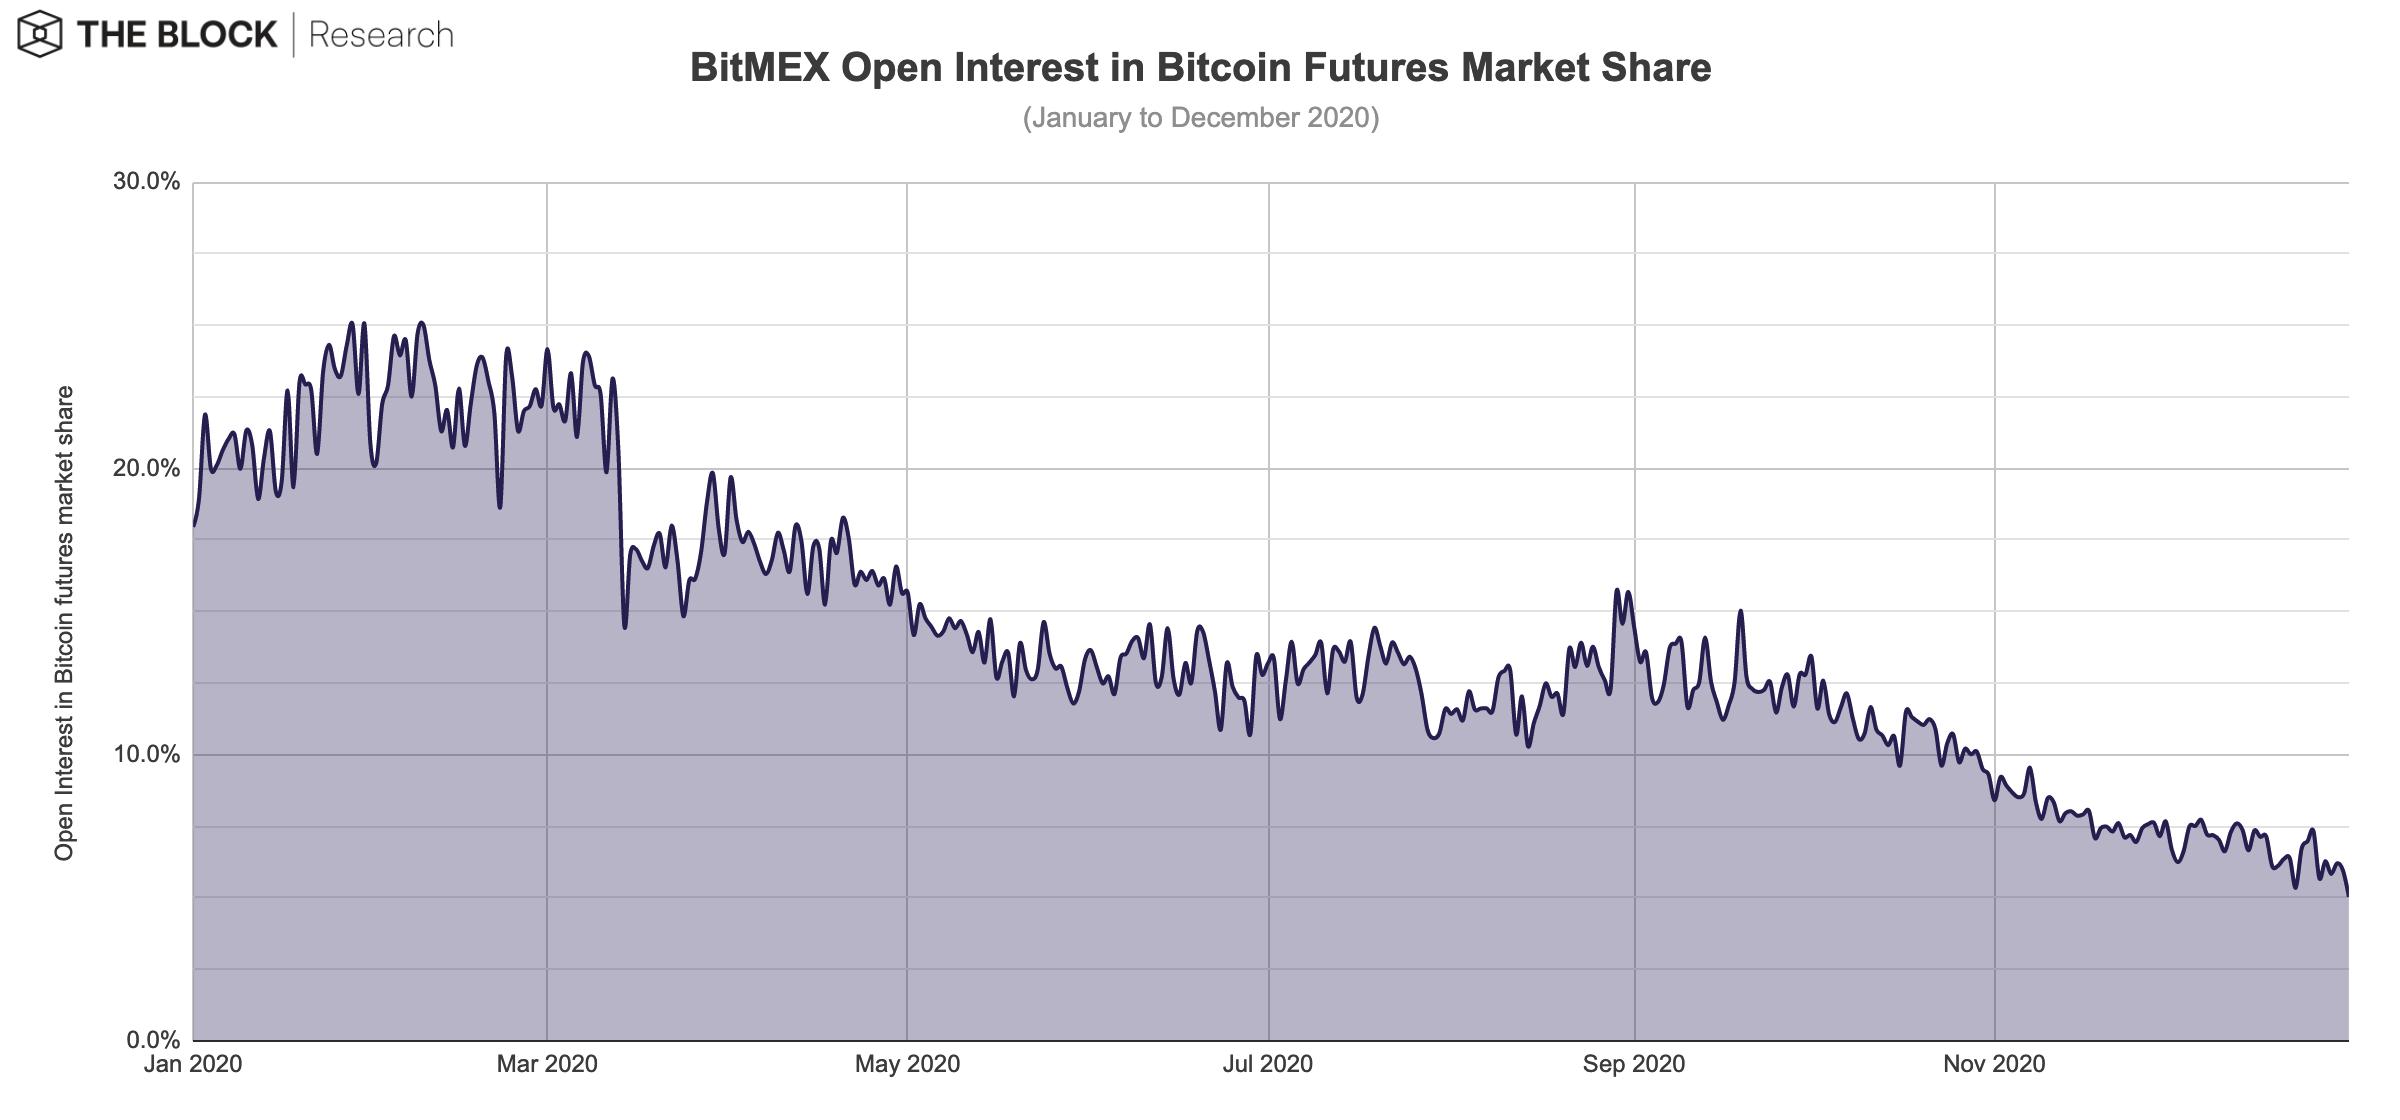 bitmex عقود البيتكوين الآجلة ذات الفائدة المفتوحة